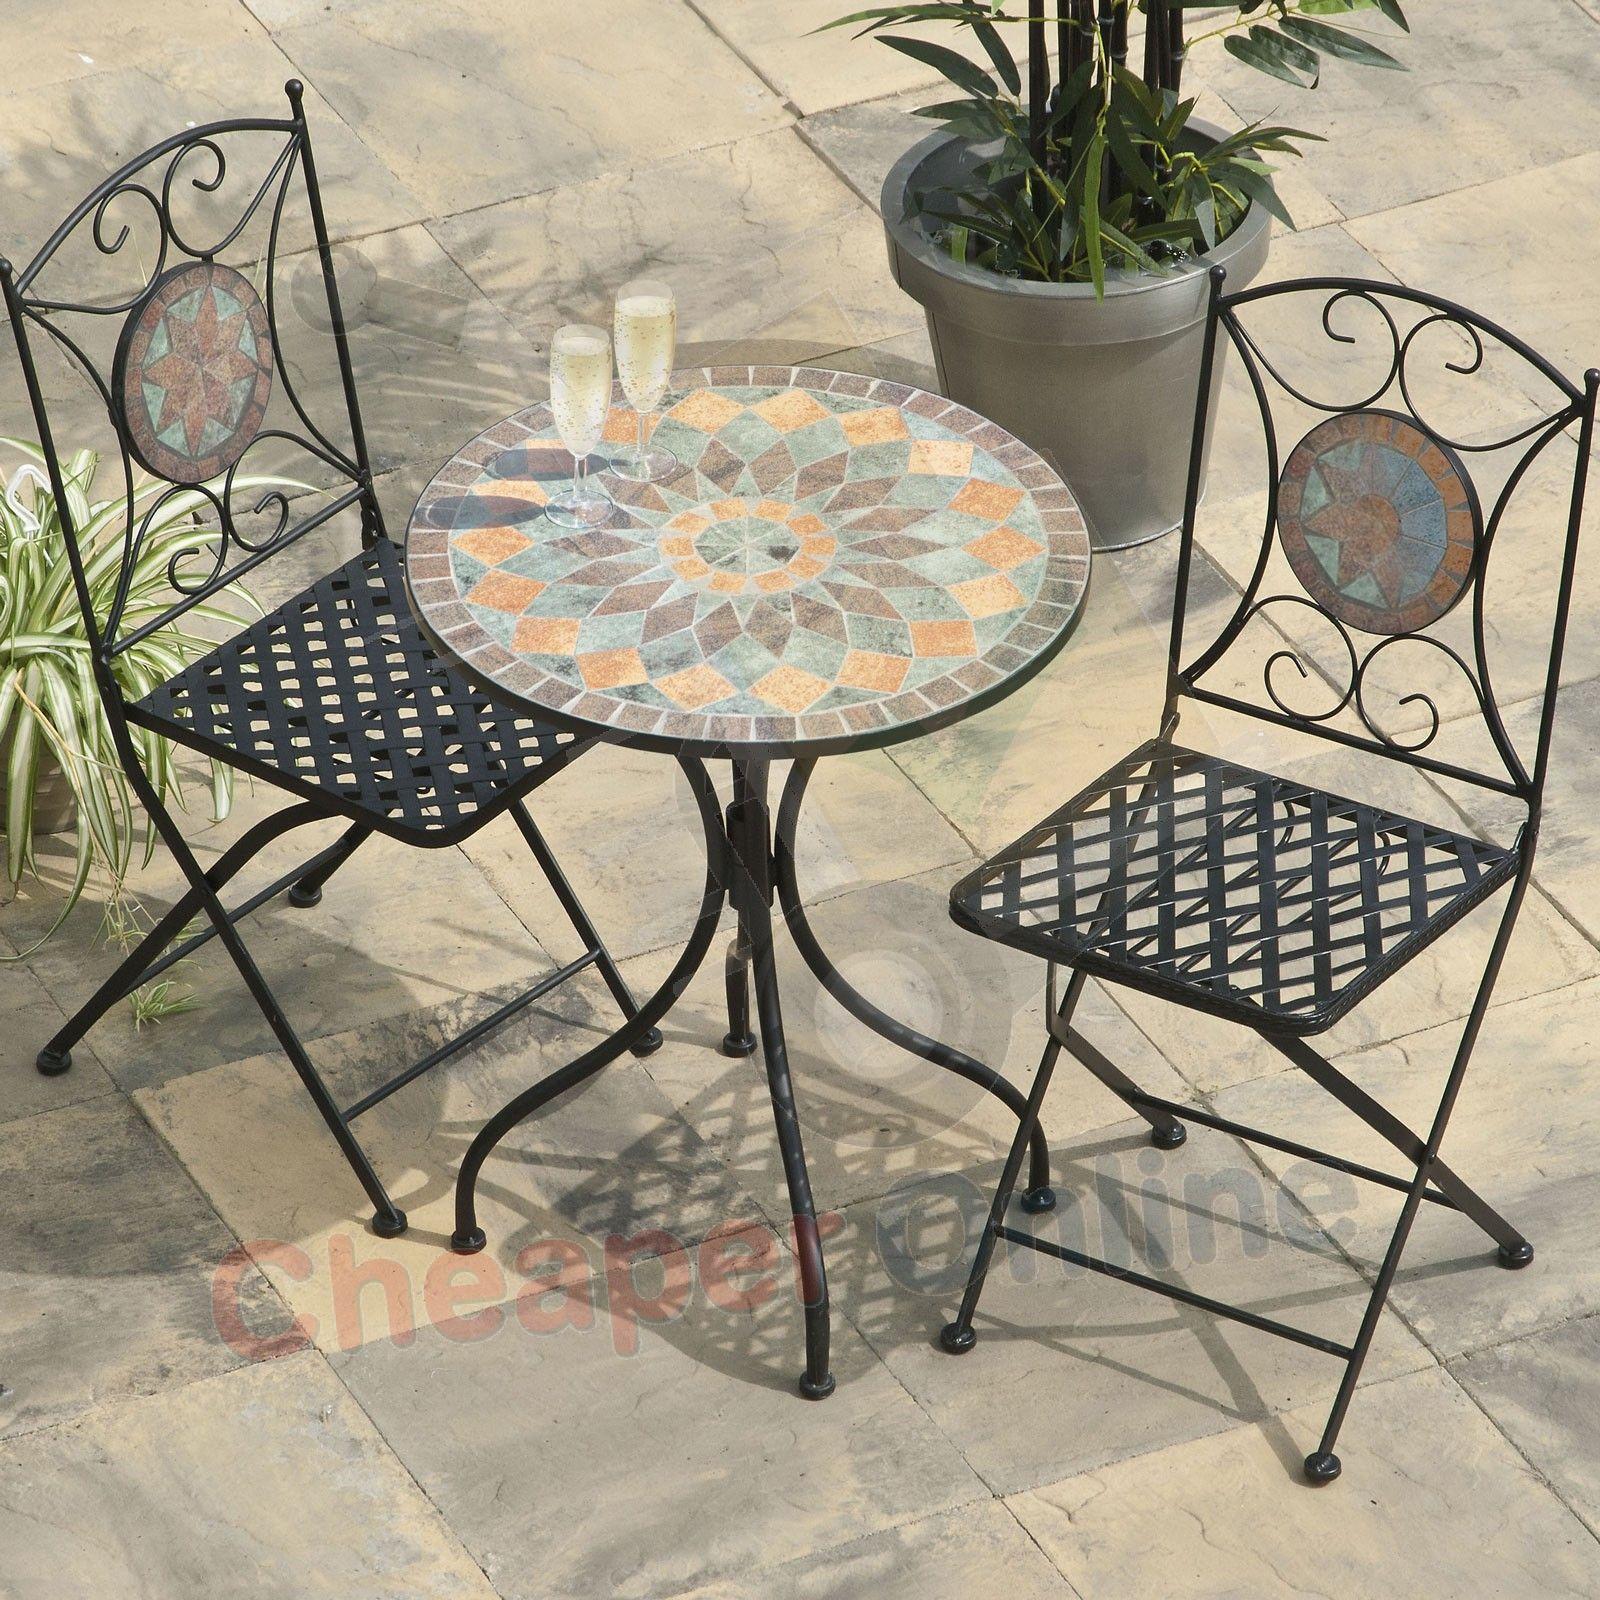 Metal Patio Furniture Mosaic Google Search Bistro Set Mosaic